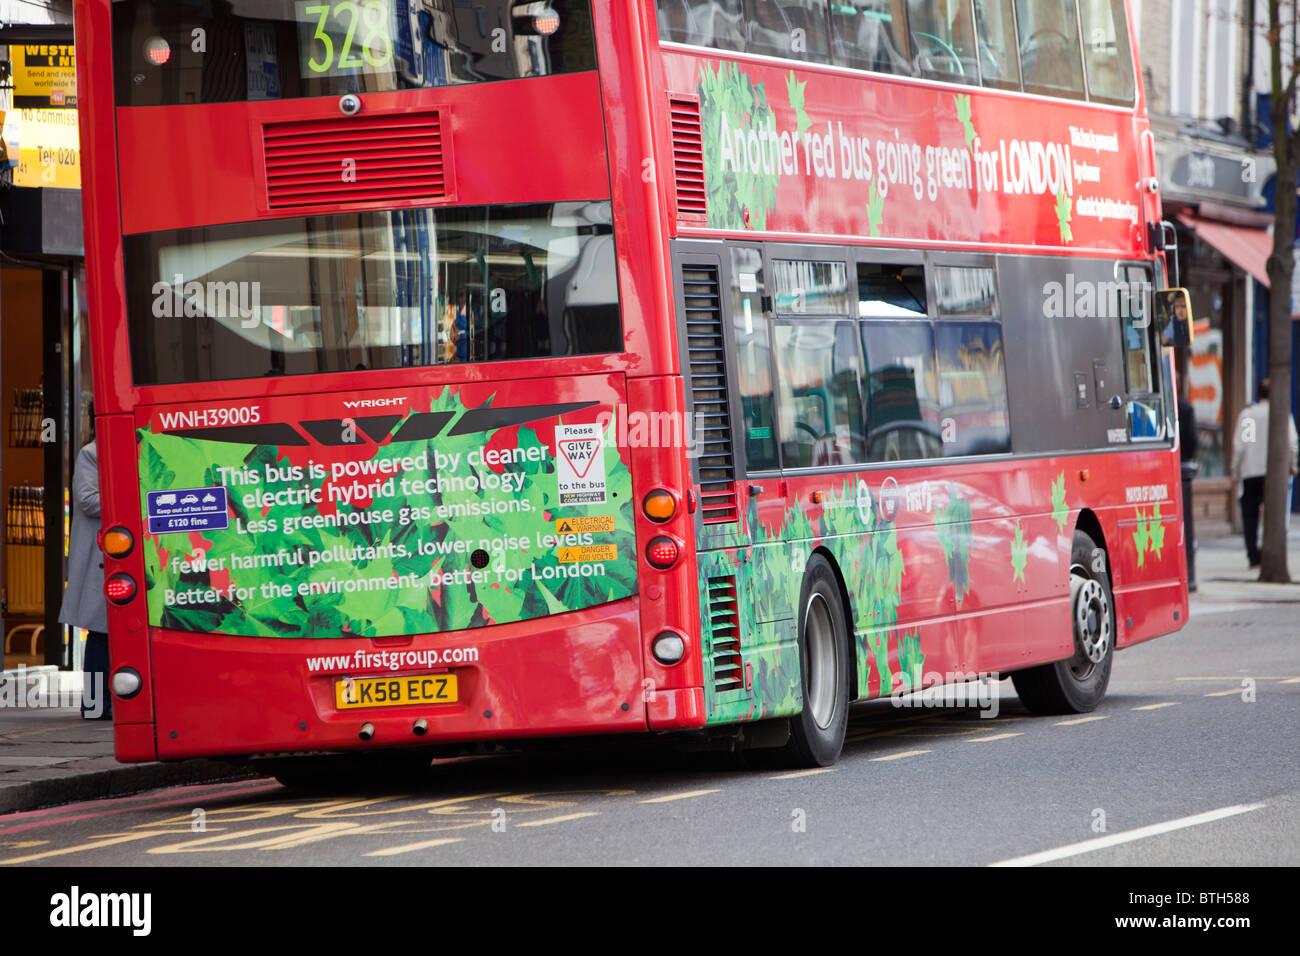 Un bus de la technologie hybride électrique à Londres. Partie de transports pour Londres s'est engagé à réduire Banque D'Images